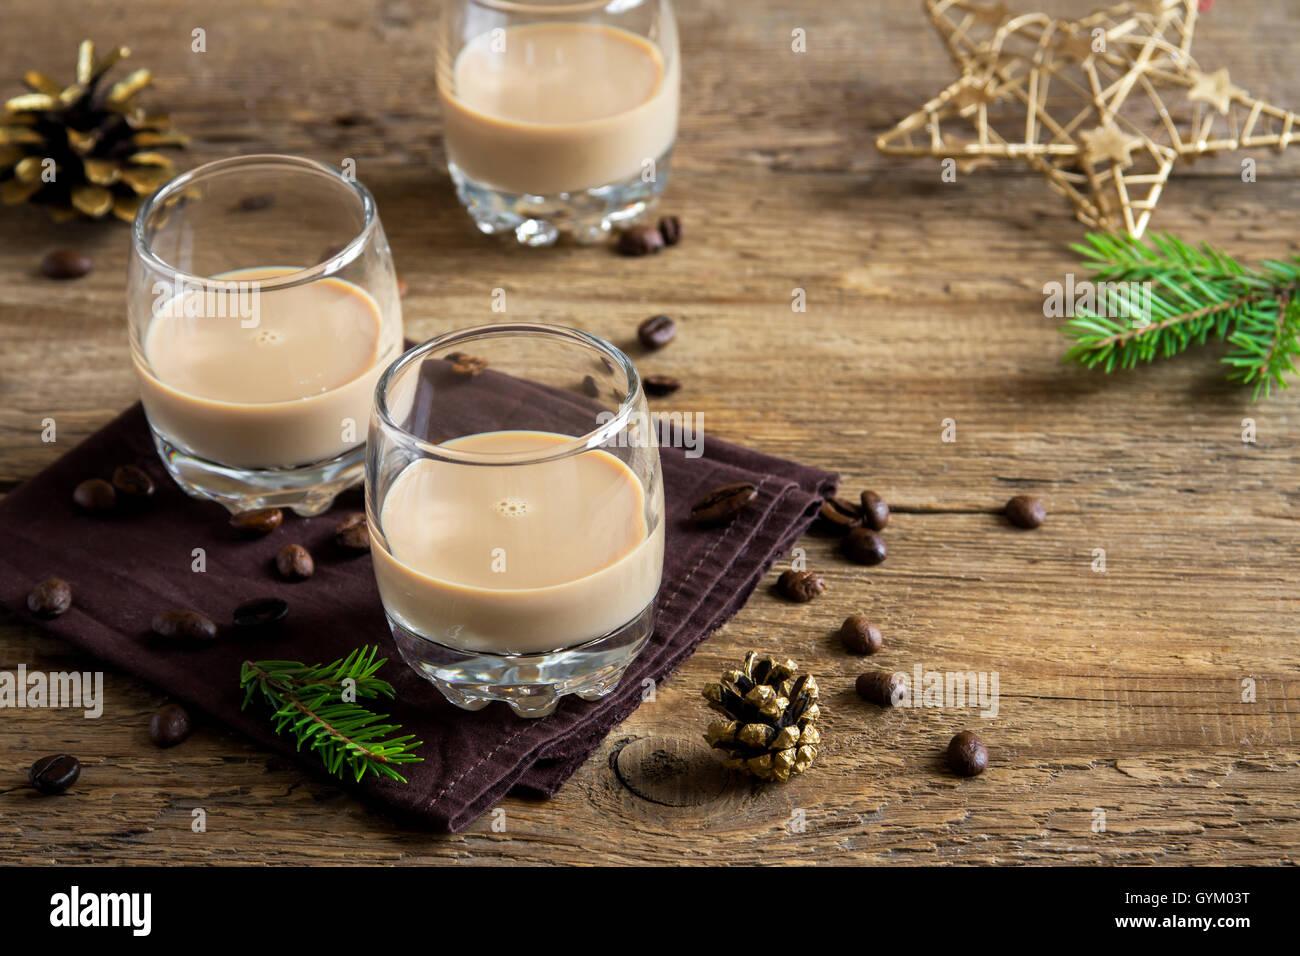 Crema de licor de café con decoración de Navidad y adornos en madera rústica - fondo festivo de Navidad bebidas d Foto de stock